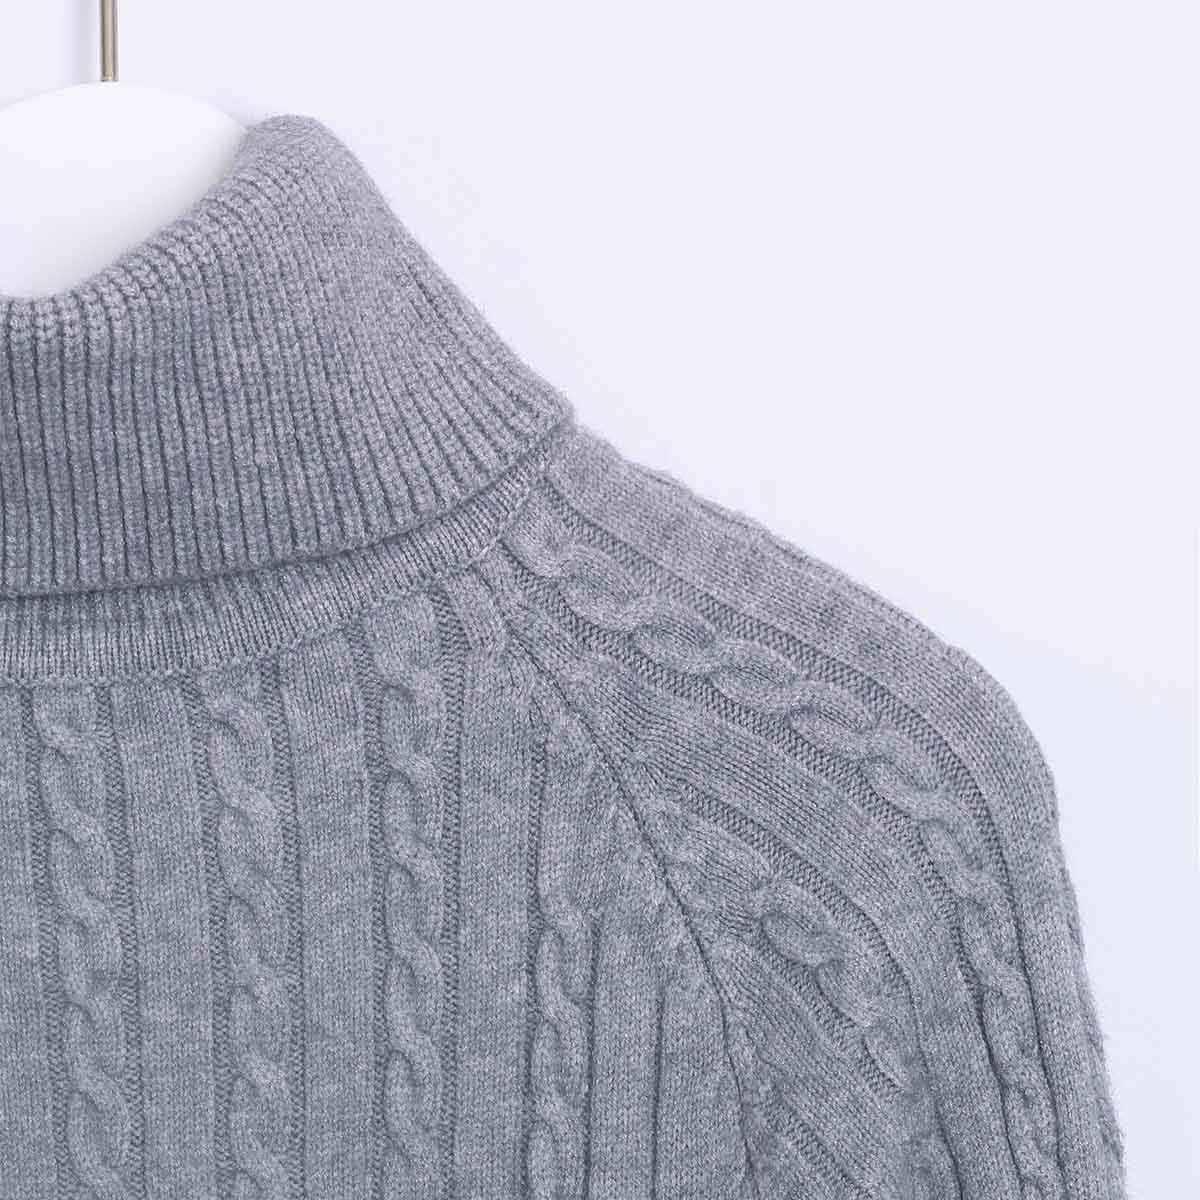 Wixra tricoté robe moulante 2019 automne hiver solide col roulé à manches longues genou longueur pull robes